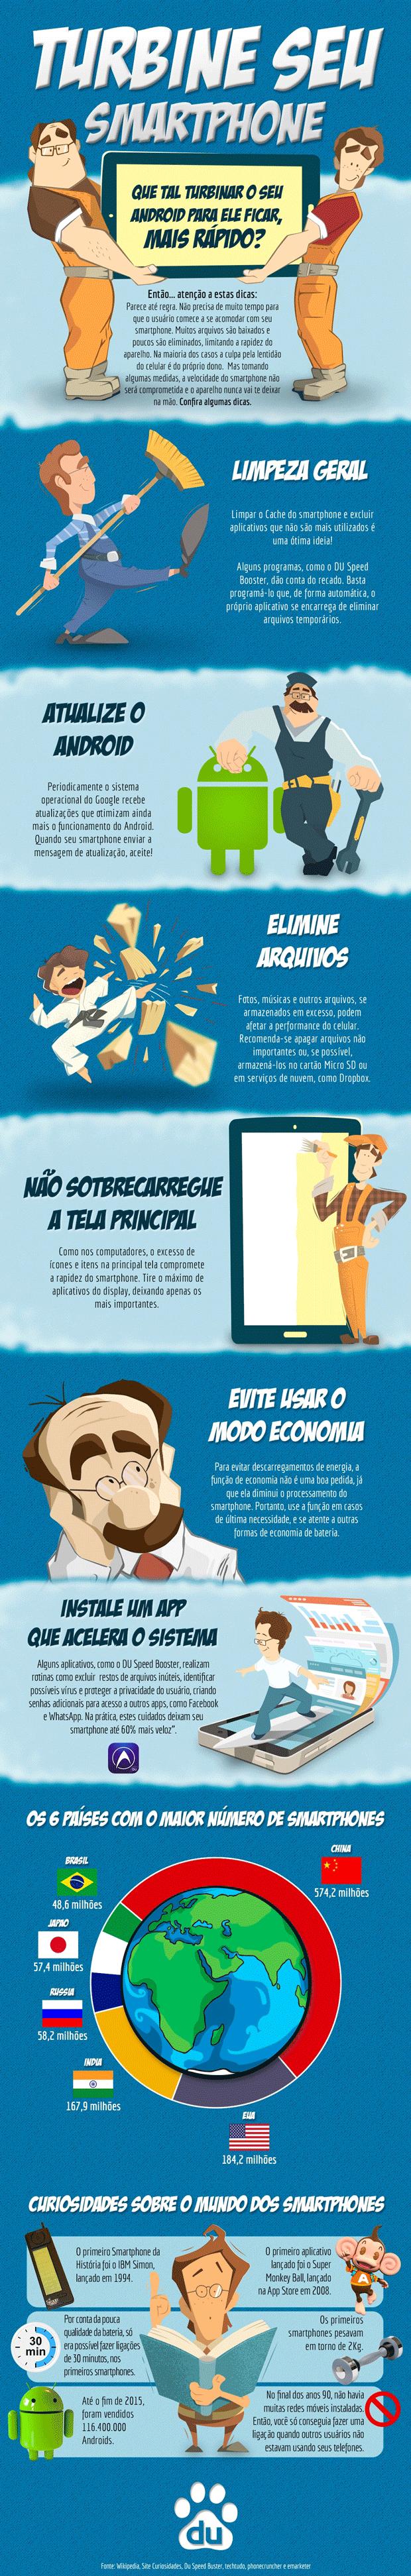 Infografico_Como_deixar_o_smartphone_mais_-rapido